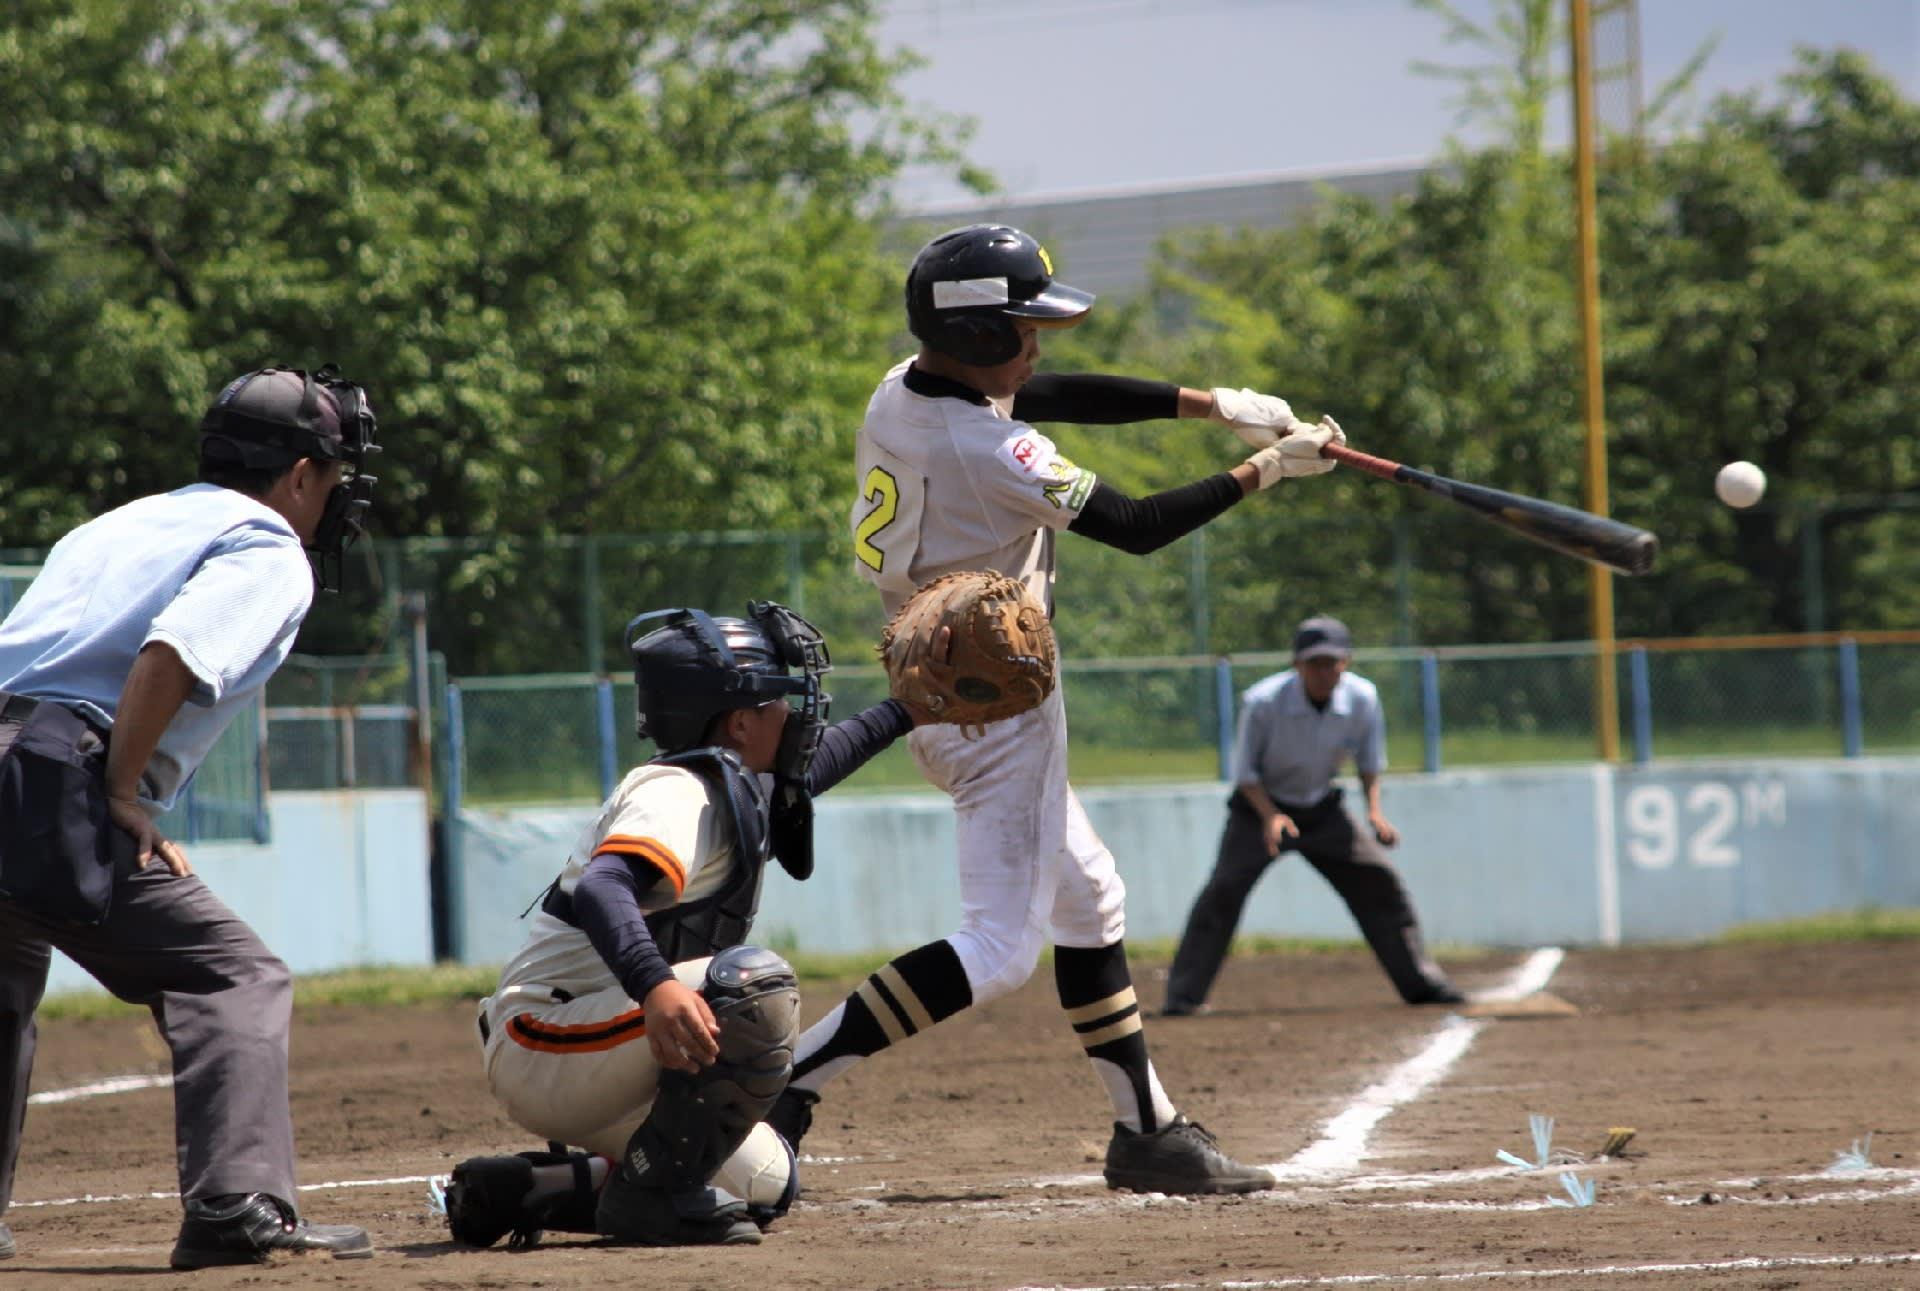 大会結果 - 千葉県少年野球連盟公式HP